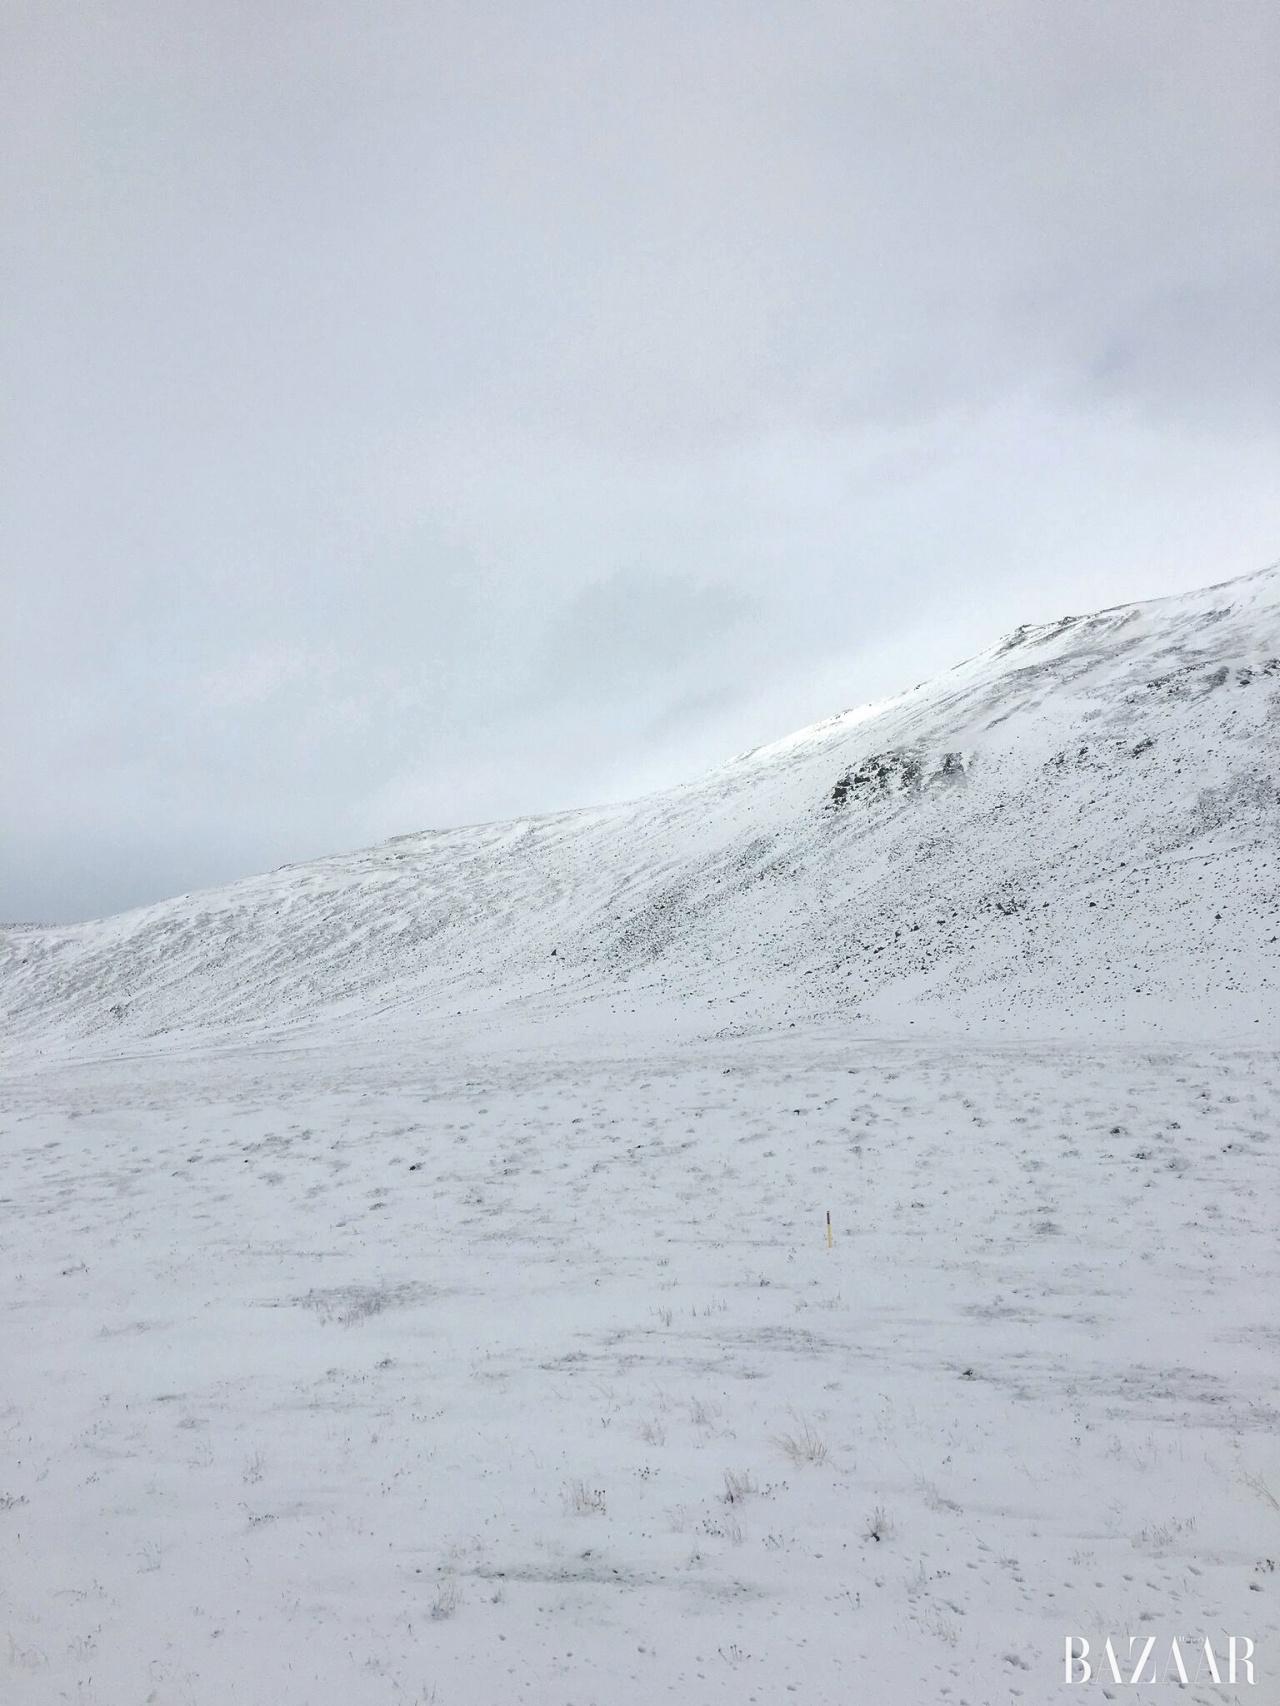 그림스타드에서 바라본 아름다운 설산 풍경.